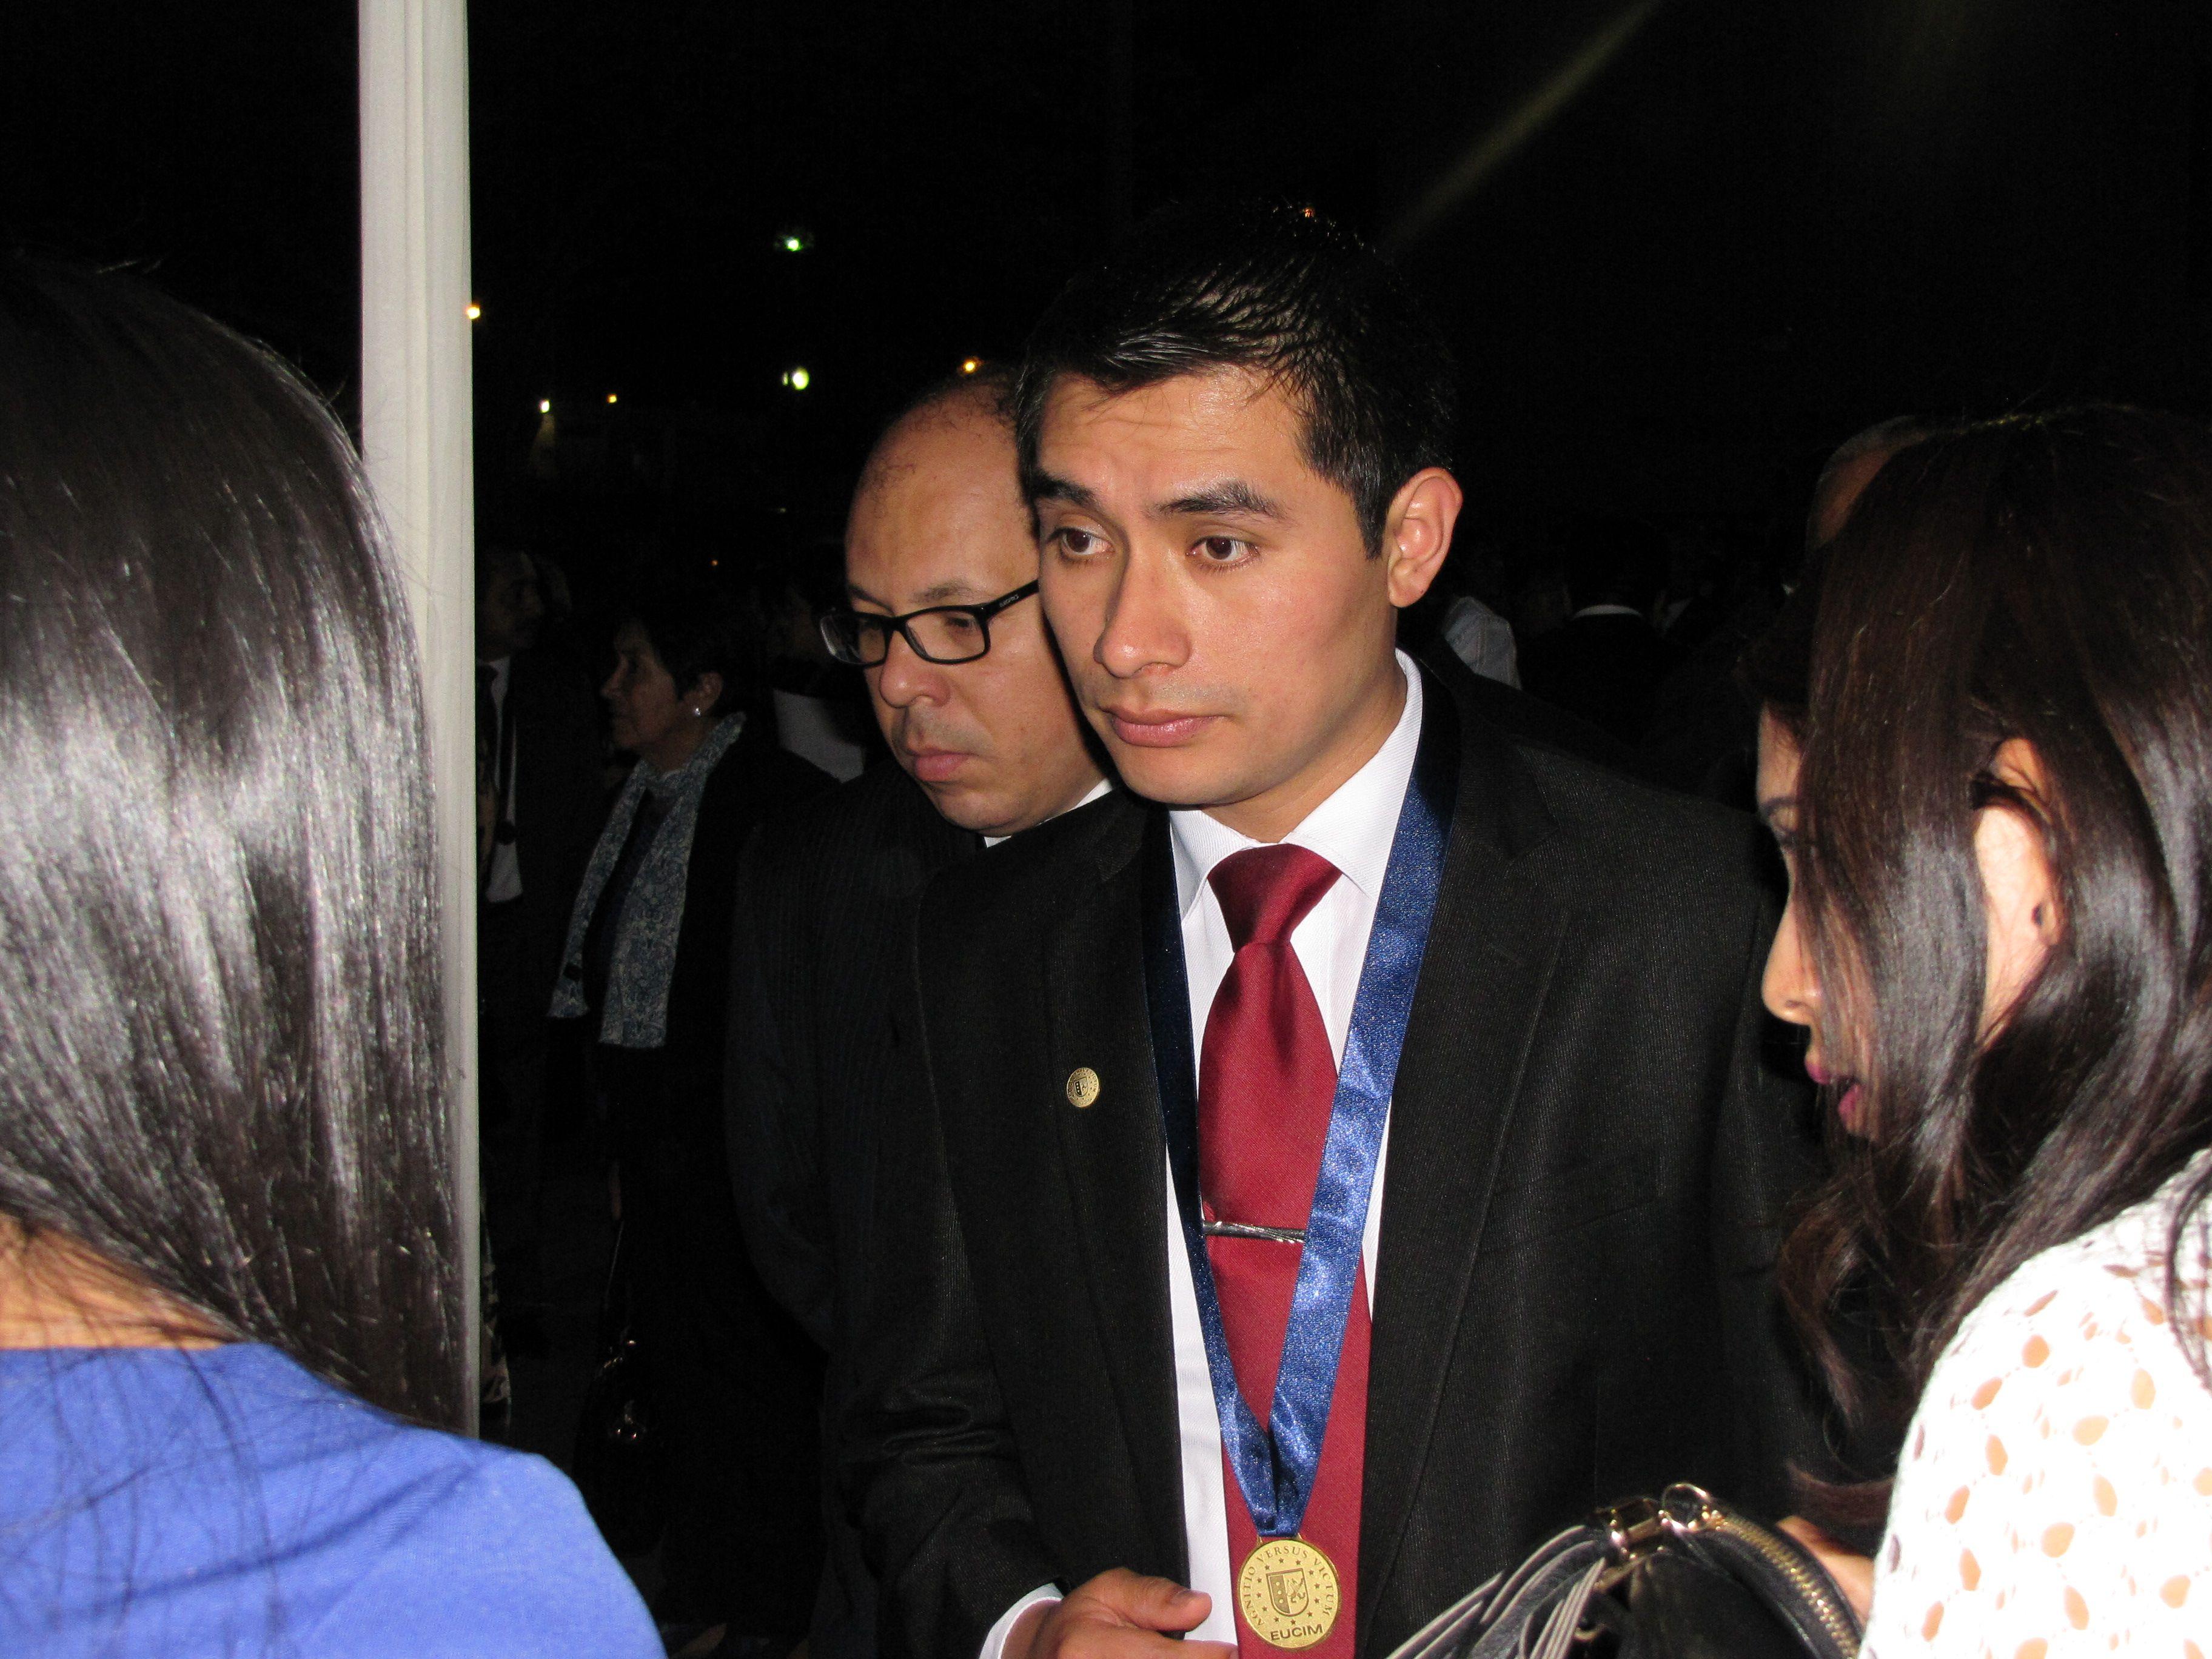 Ceremonia de Graduación de la Fase 1 del Programa en Gestión Pública Master en Gerencia Pública - EUCIM Business School